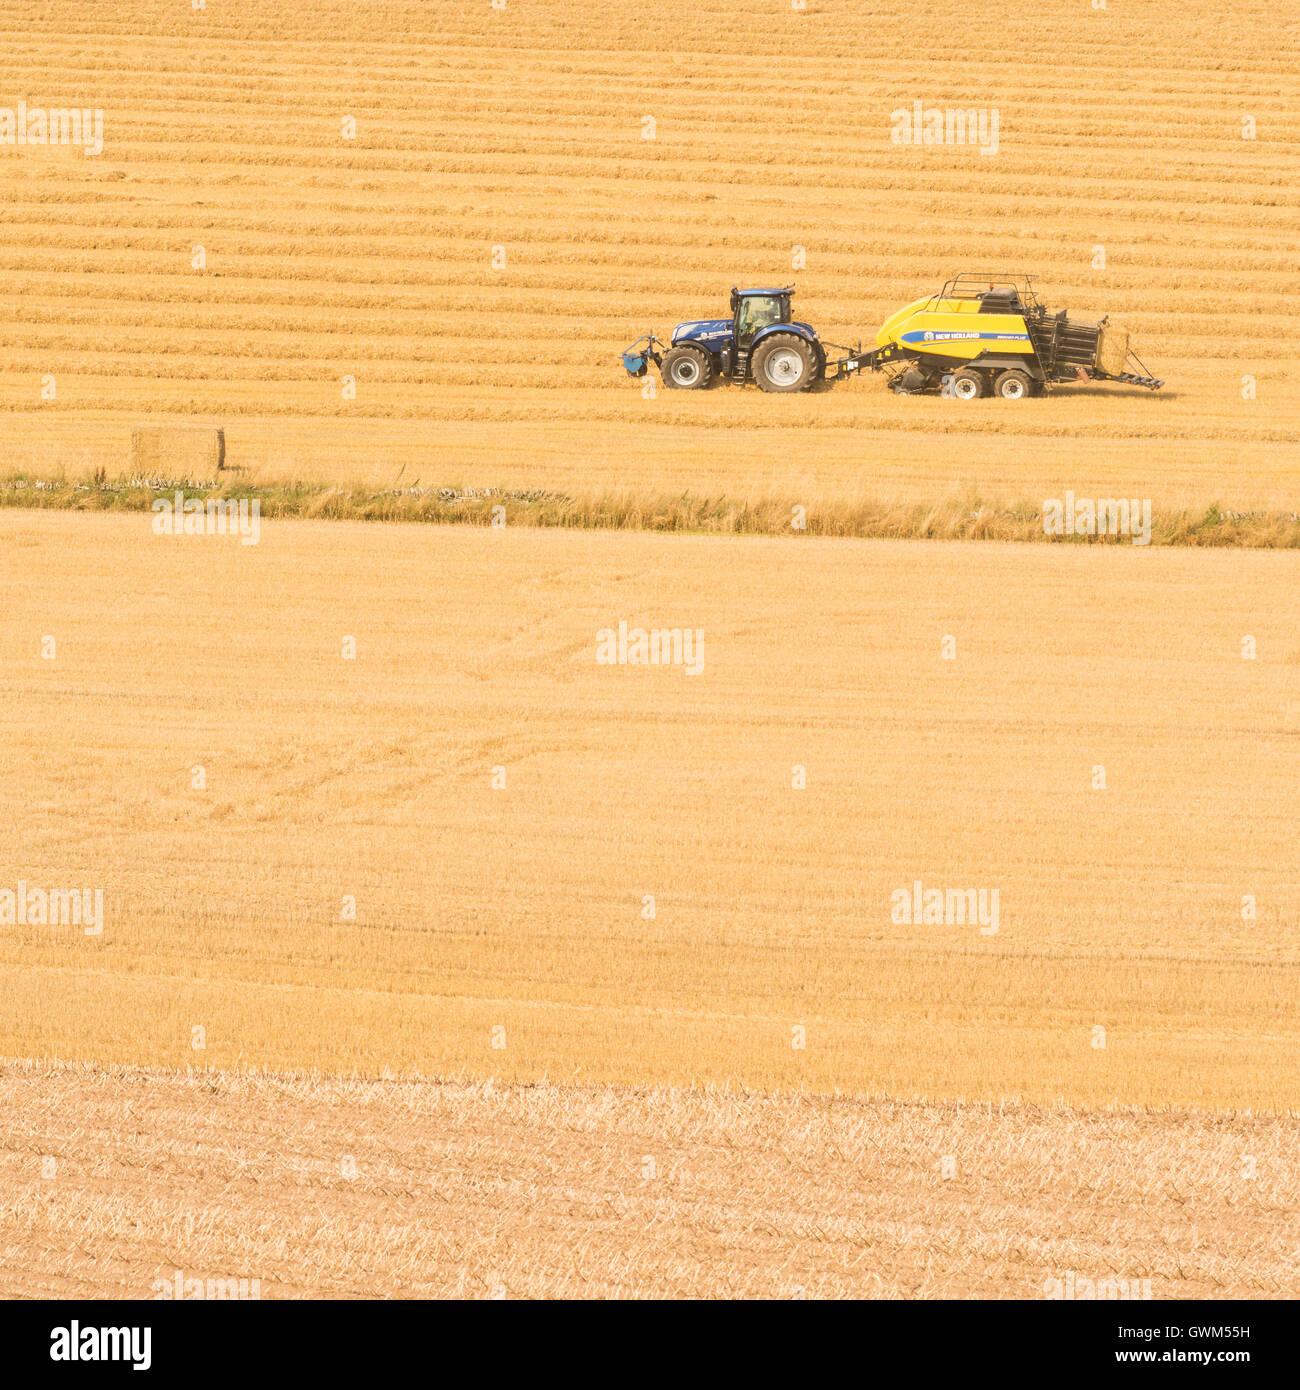 La agricultura moderna en Escocia - el tractor y la empacadora rectangular hacer fardos de paja Imagen De Stock